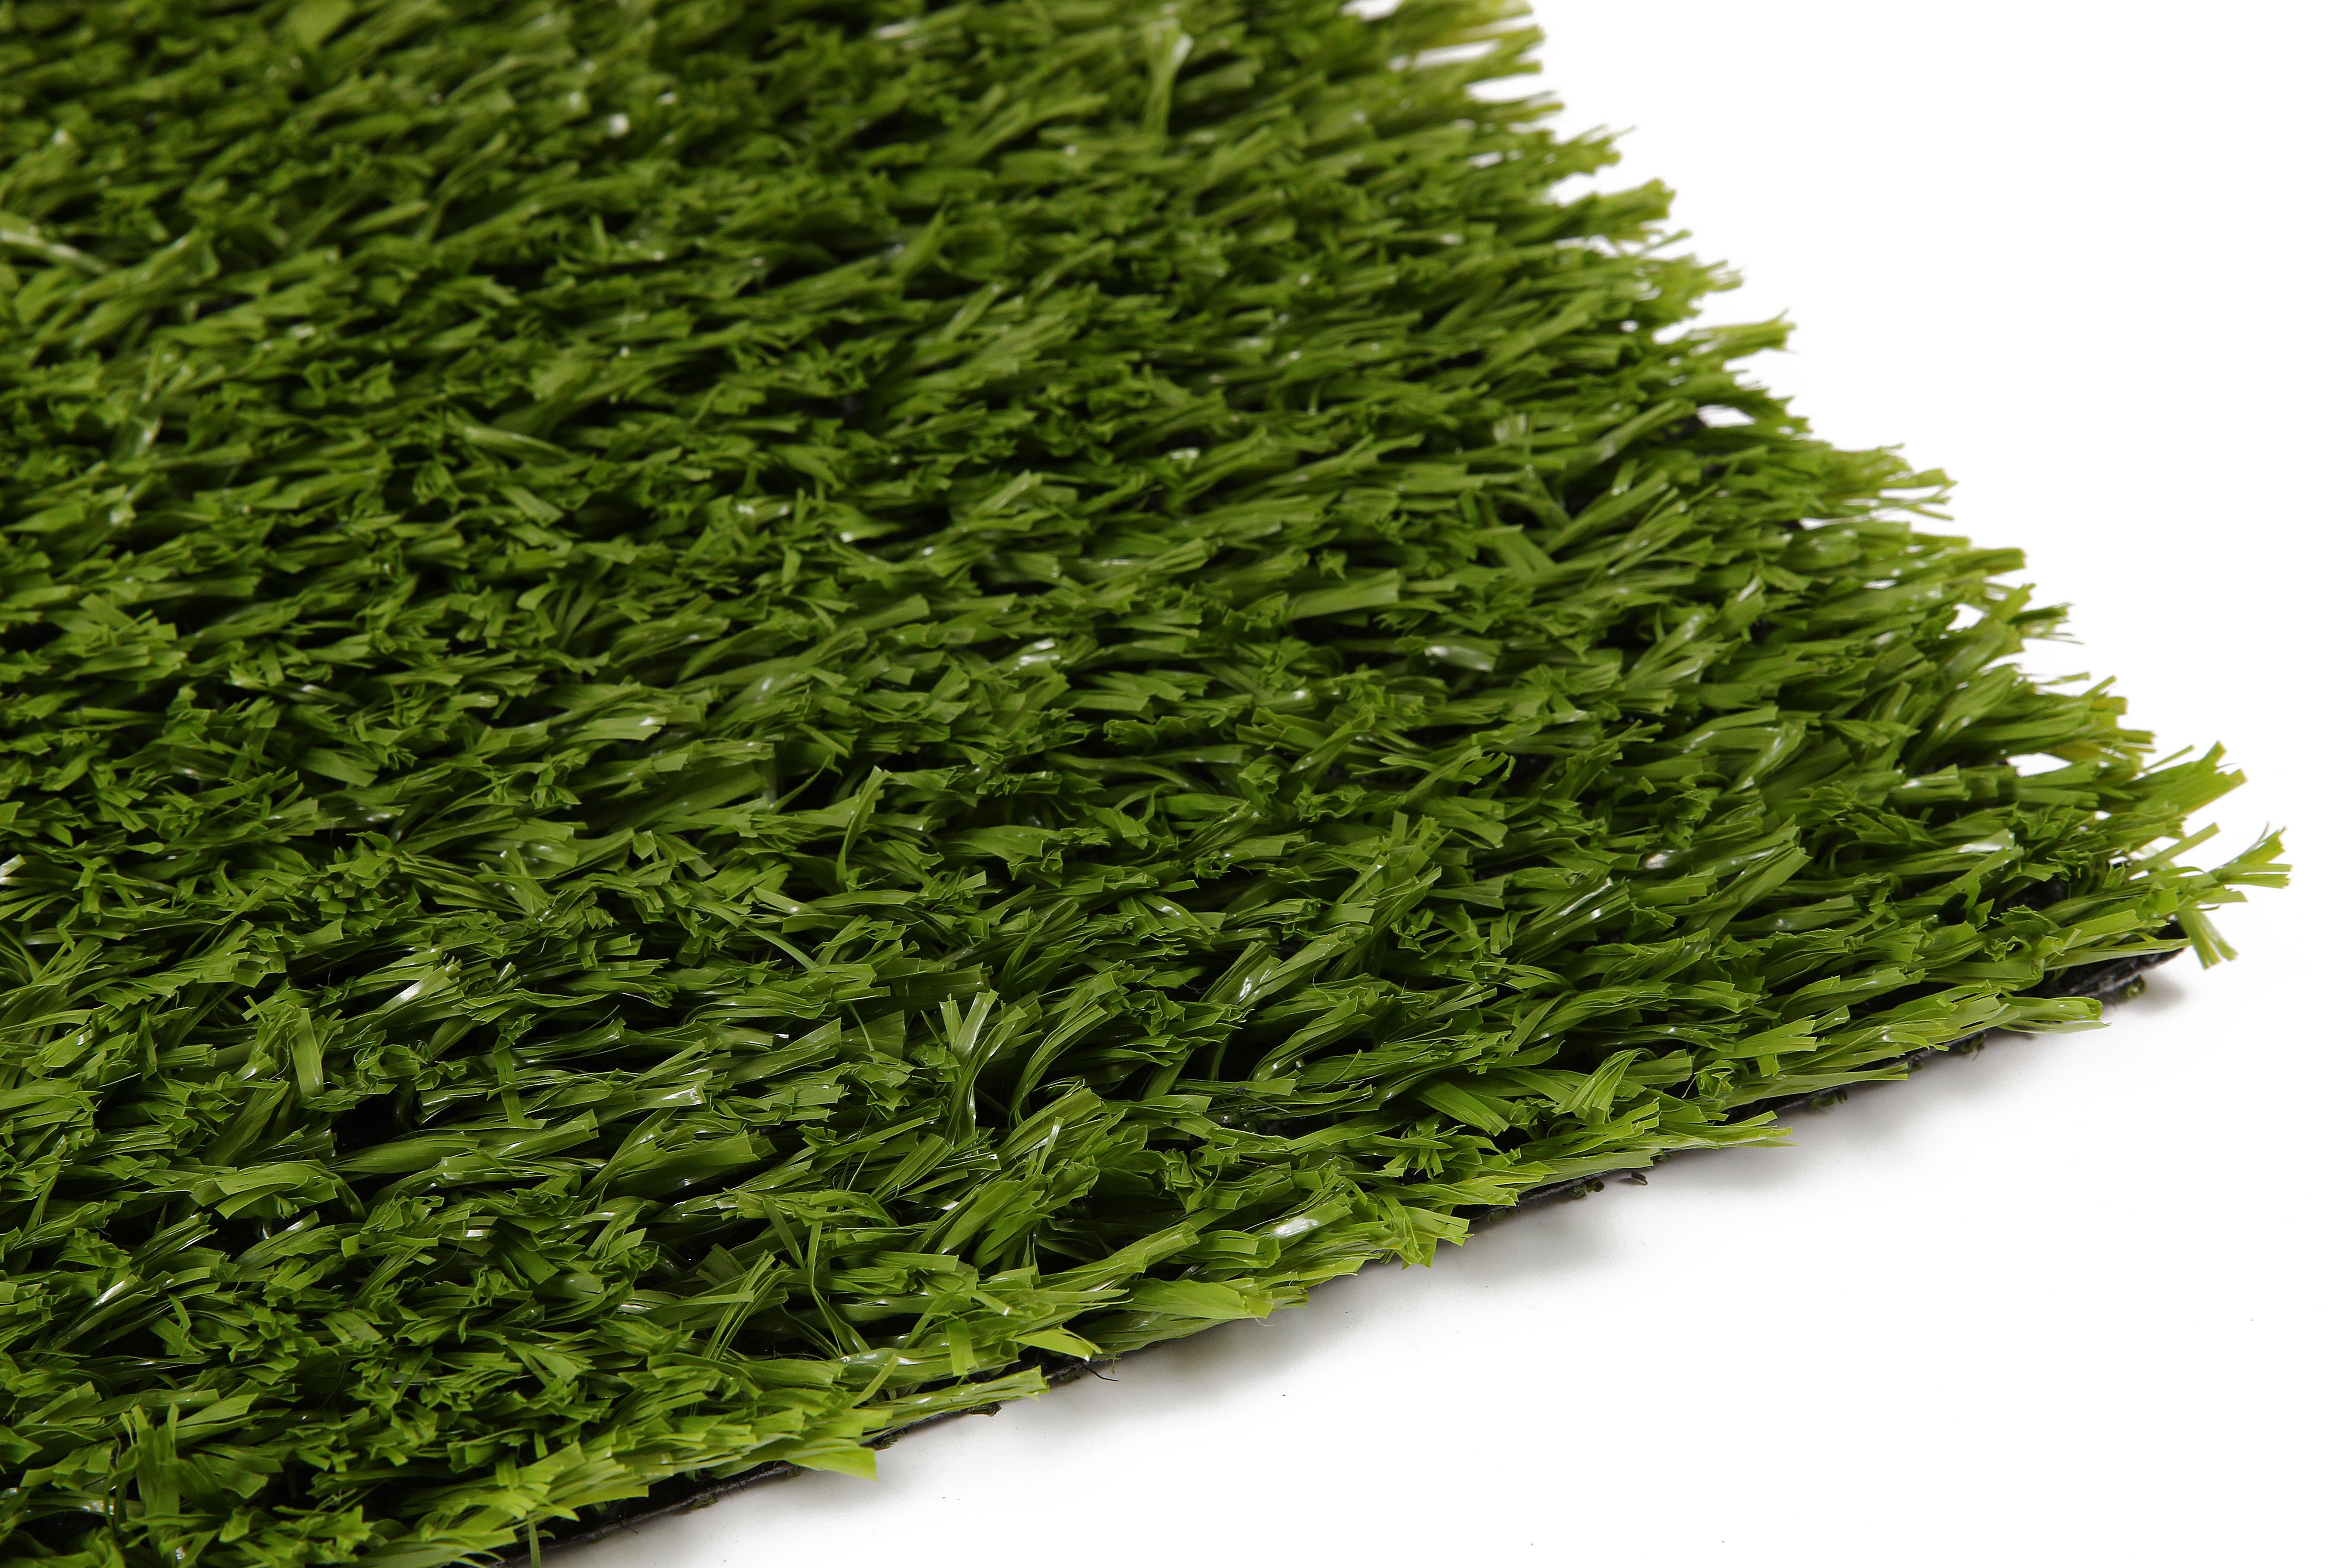 2-)TENİS GRASS (3)